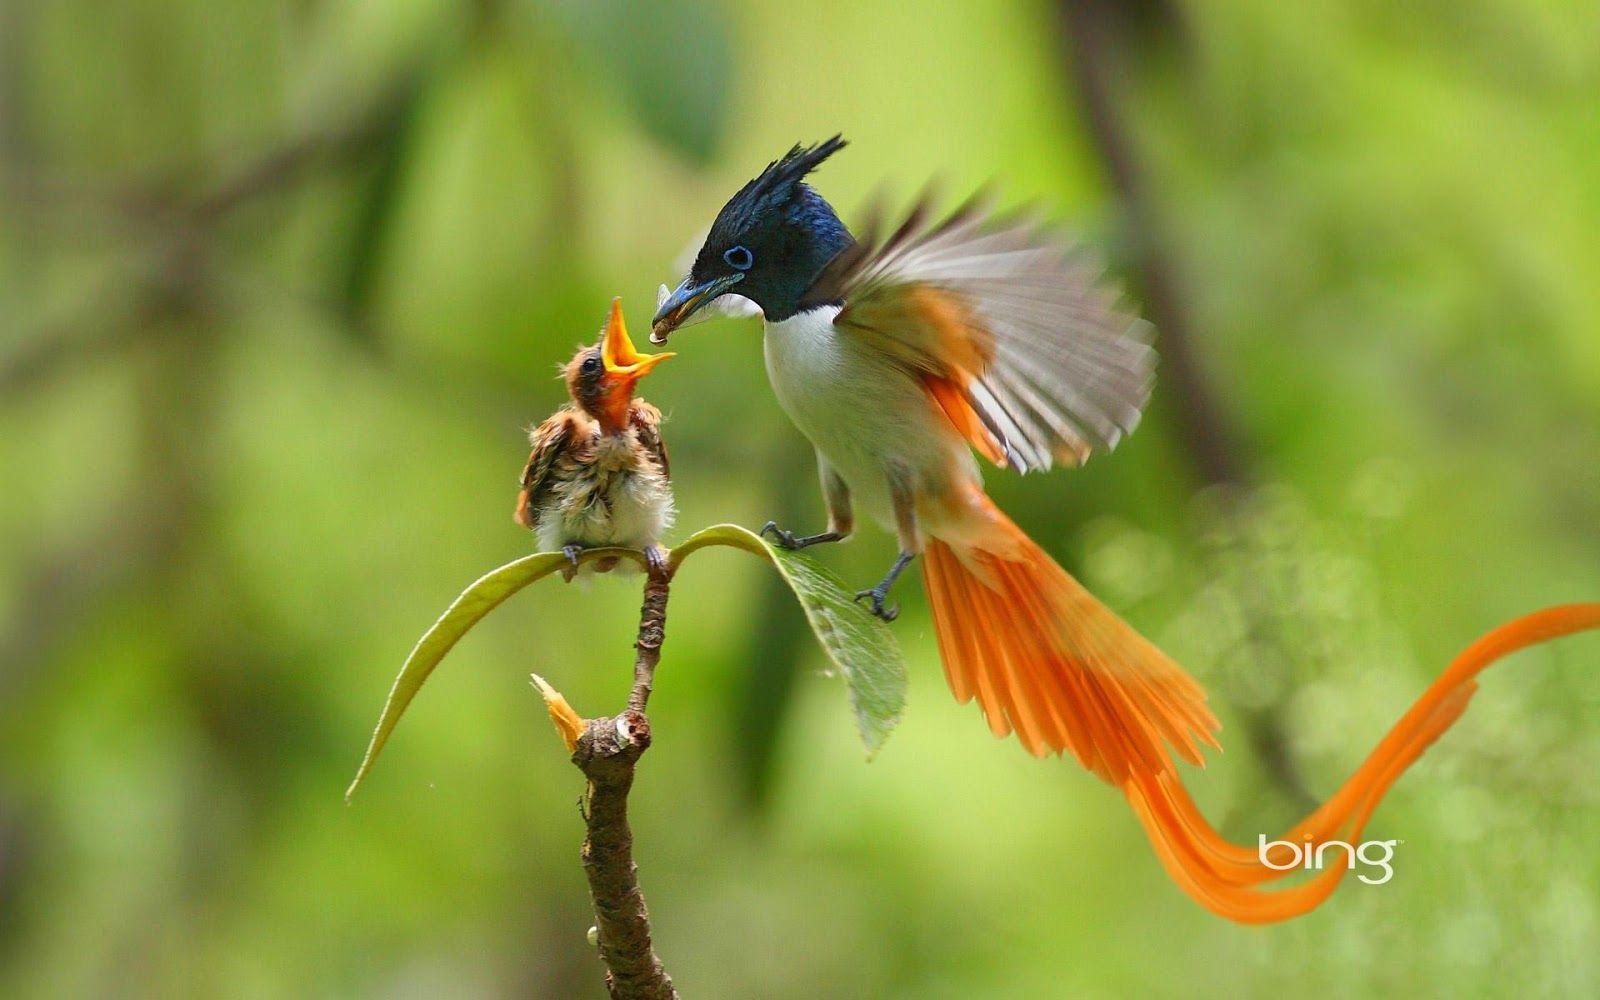 Bing Animal Lovely animals,good bing images! Birds